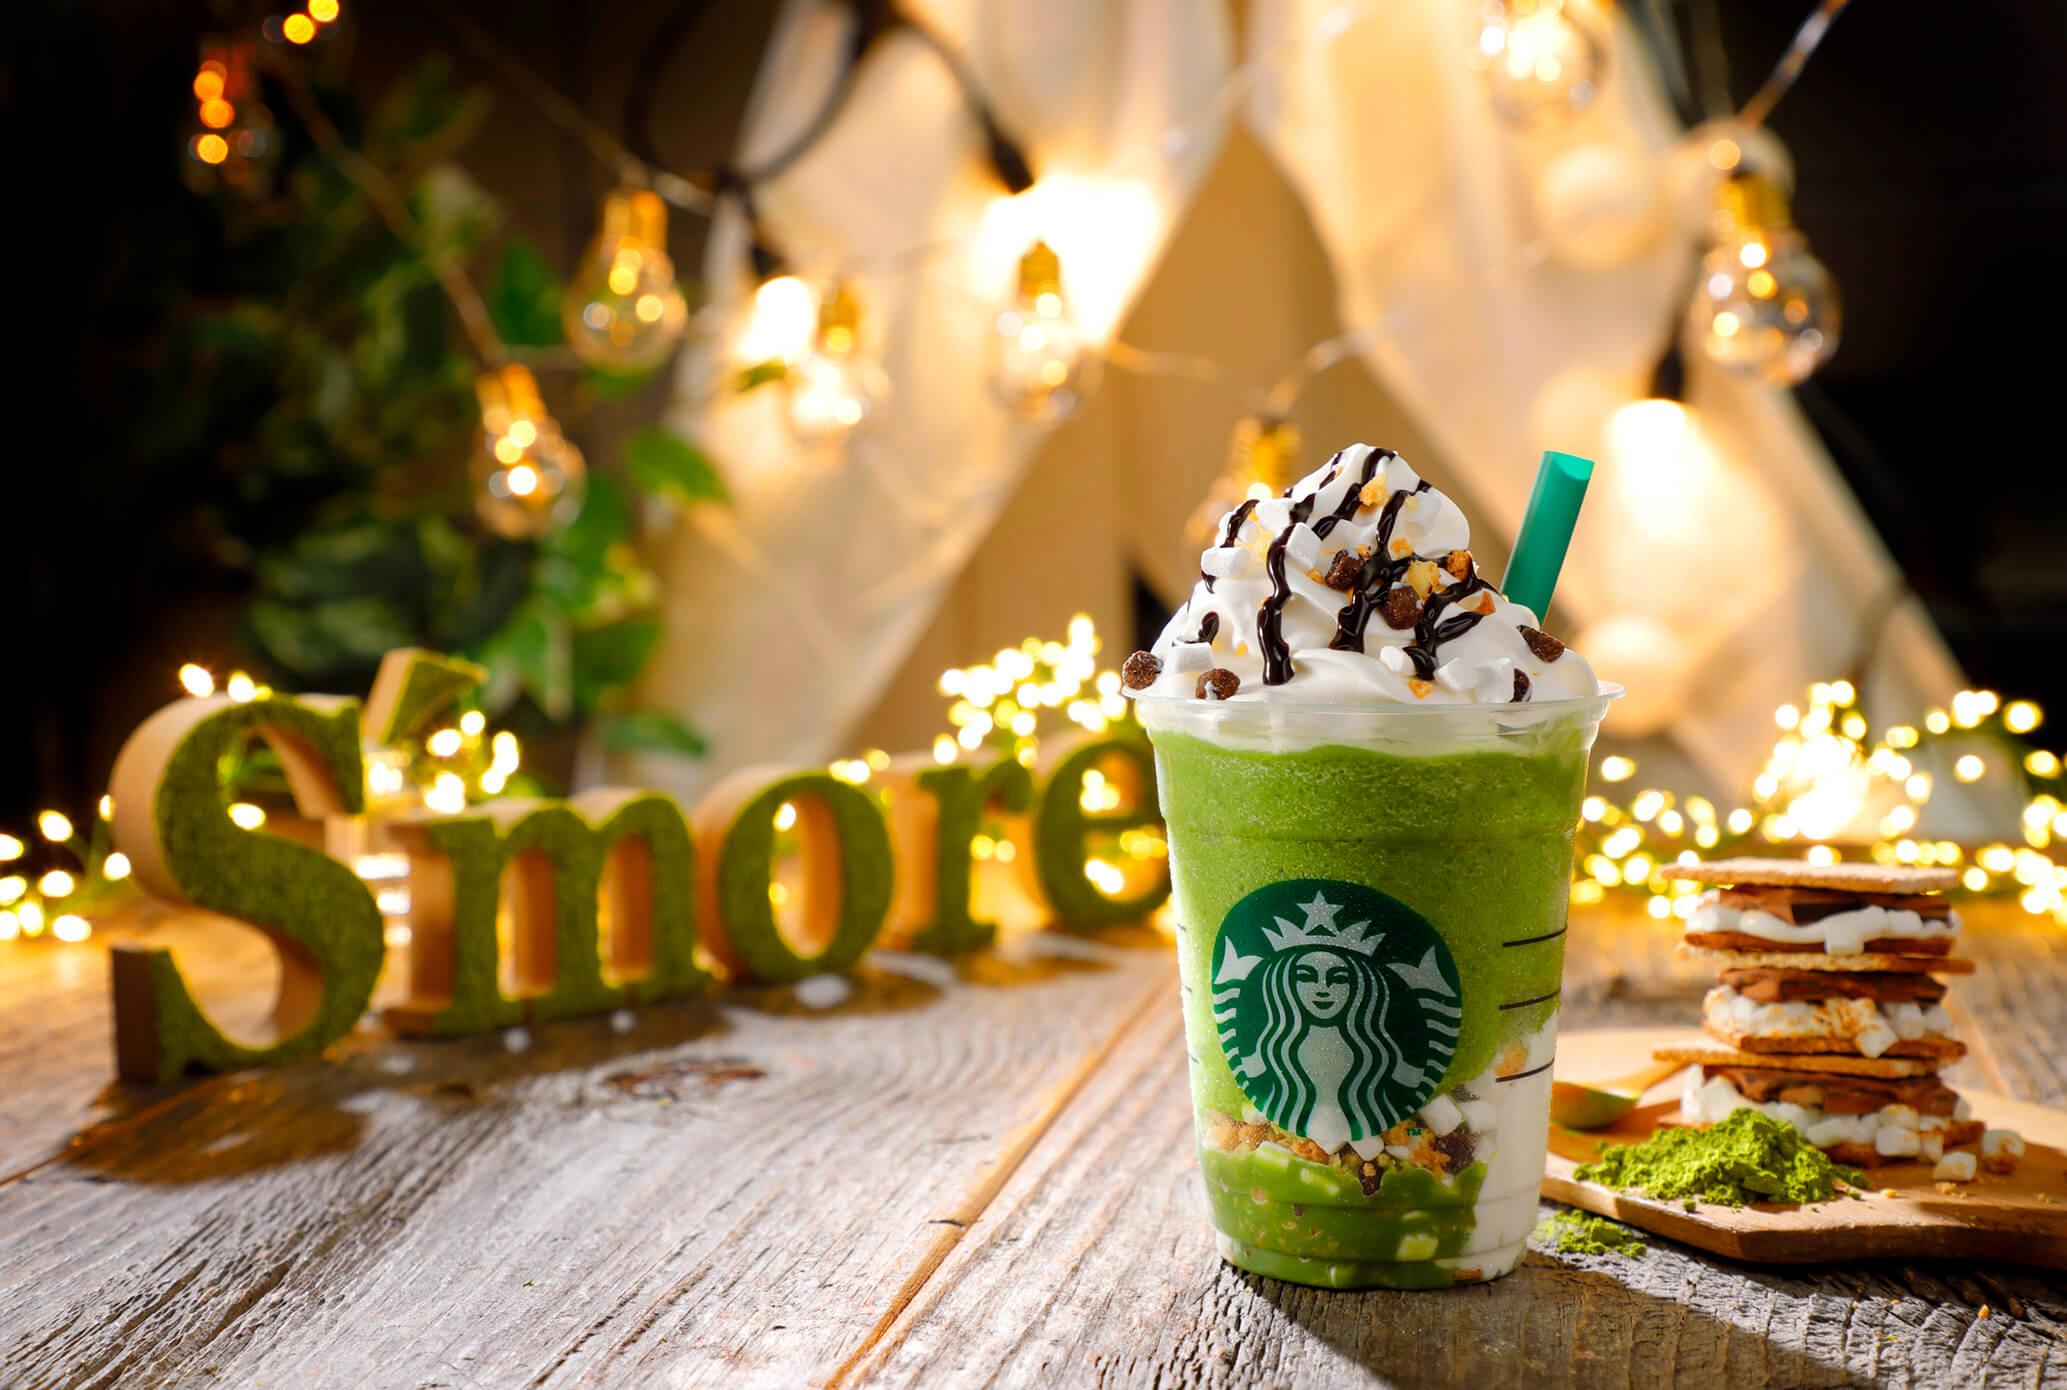 口味清爽的濃郁抹茶飲品!日本星巴克推出「抹茶S'more星冰樂®」發售 抹茶_、星巴克、